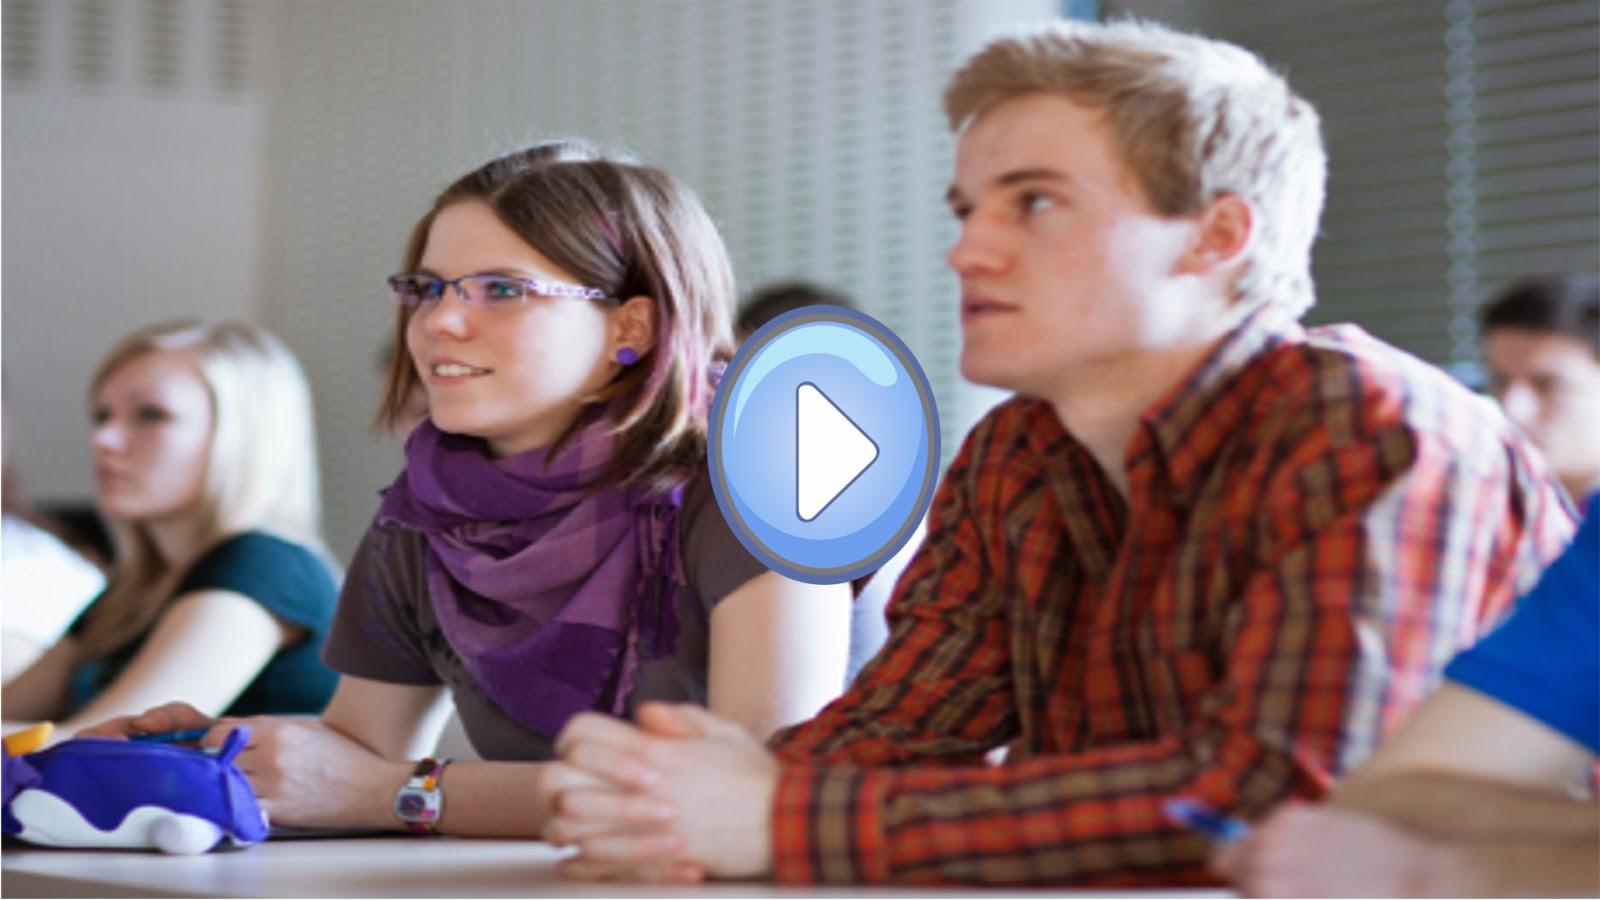 Idea 58 de 1000 ideas de tesis: ¿Cómo se utiliza construir el Marco de Comunicación y Participación en el salón de clases de Matemáticas?